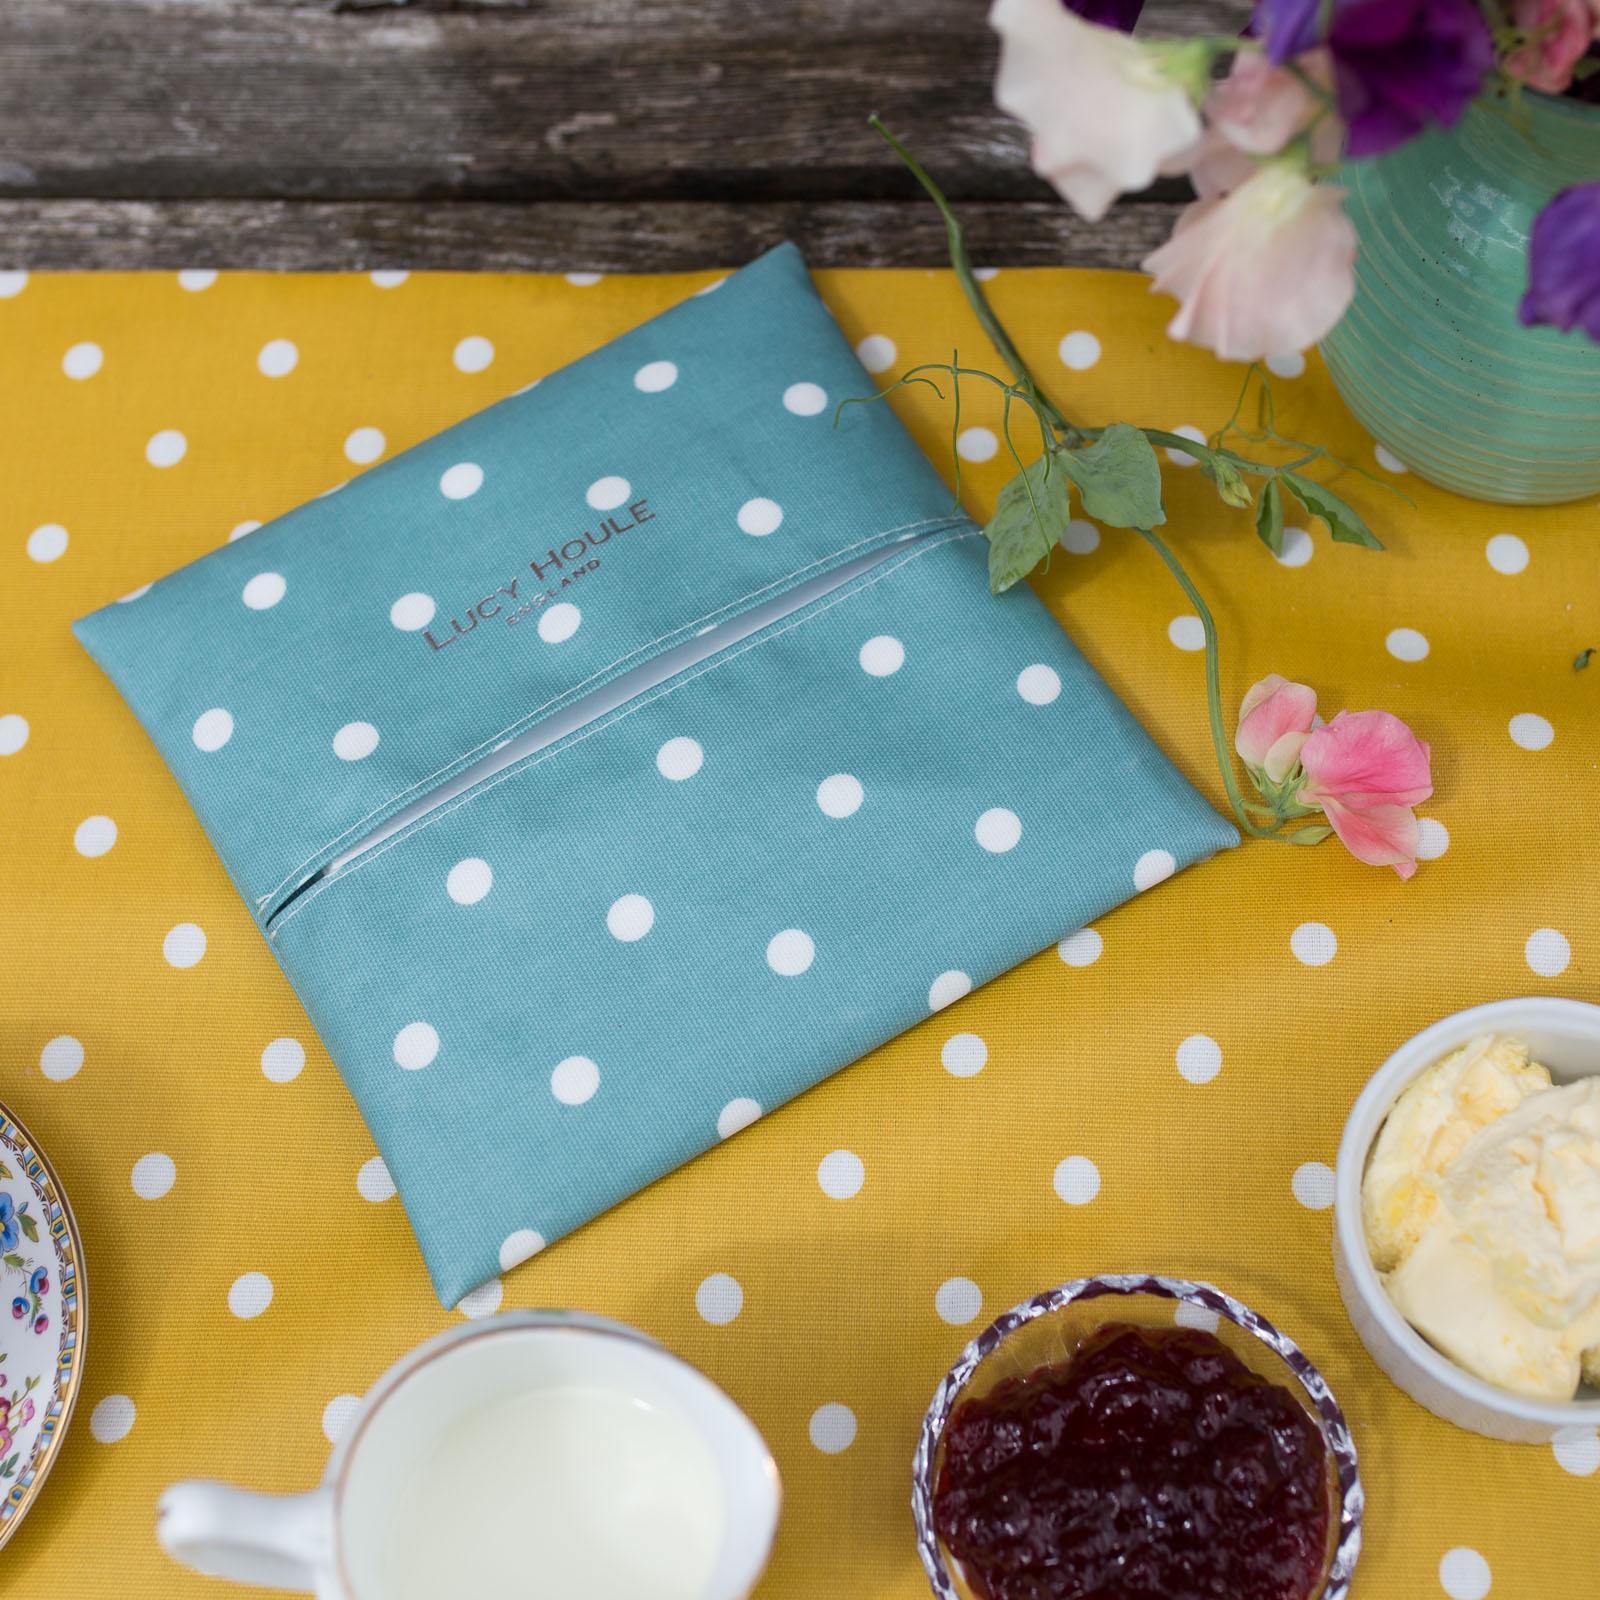 Duck Egg Blue Spot Paper Napkin Holder